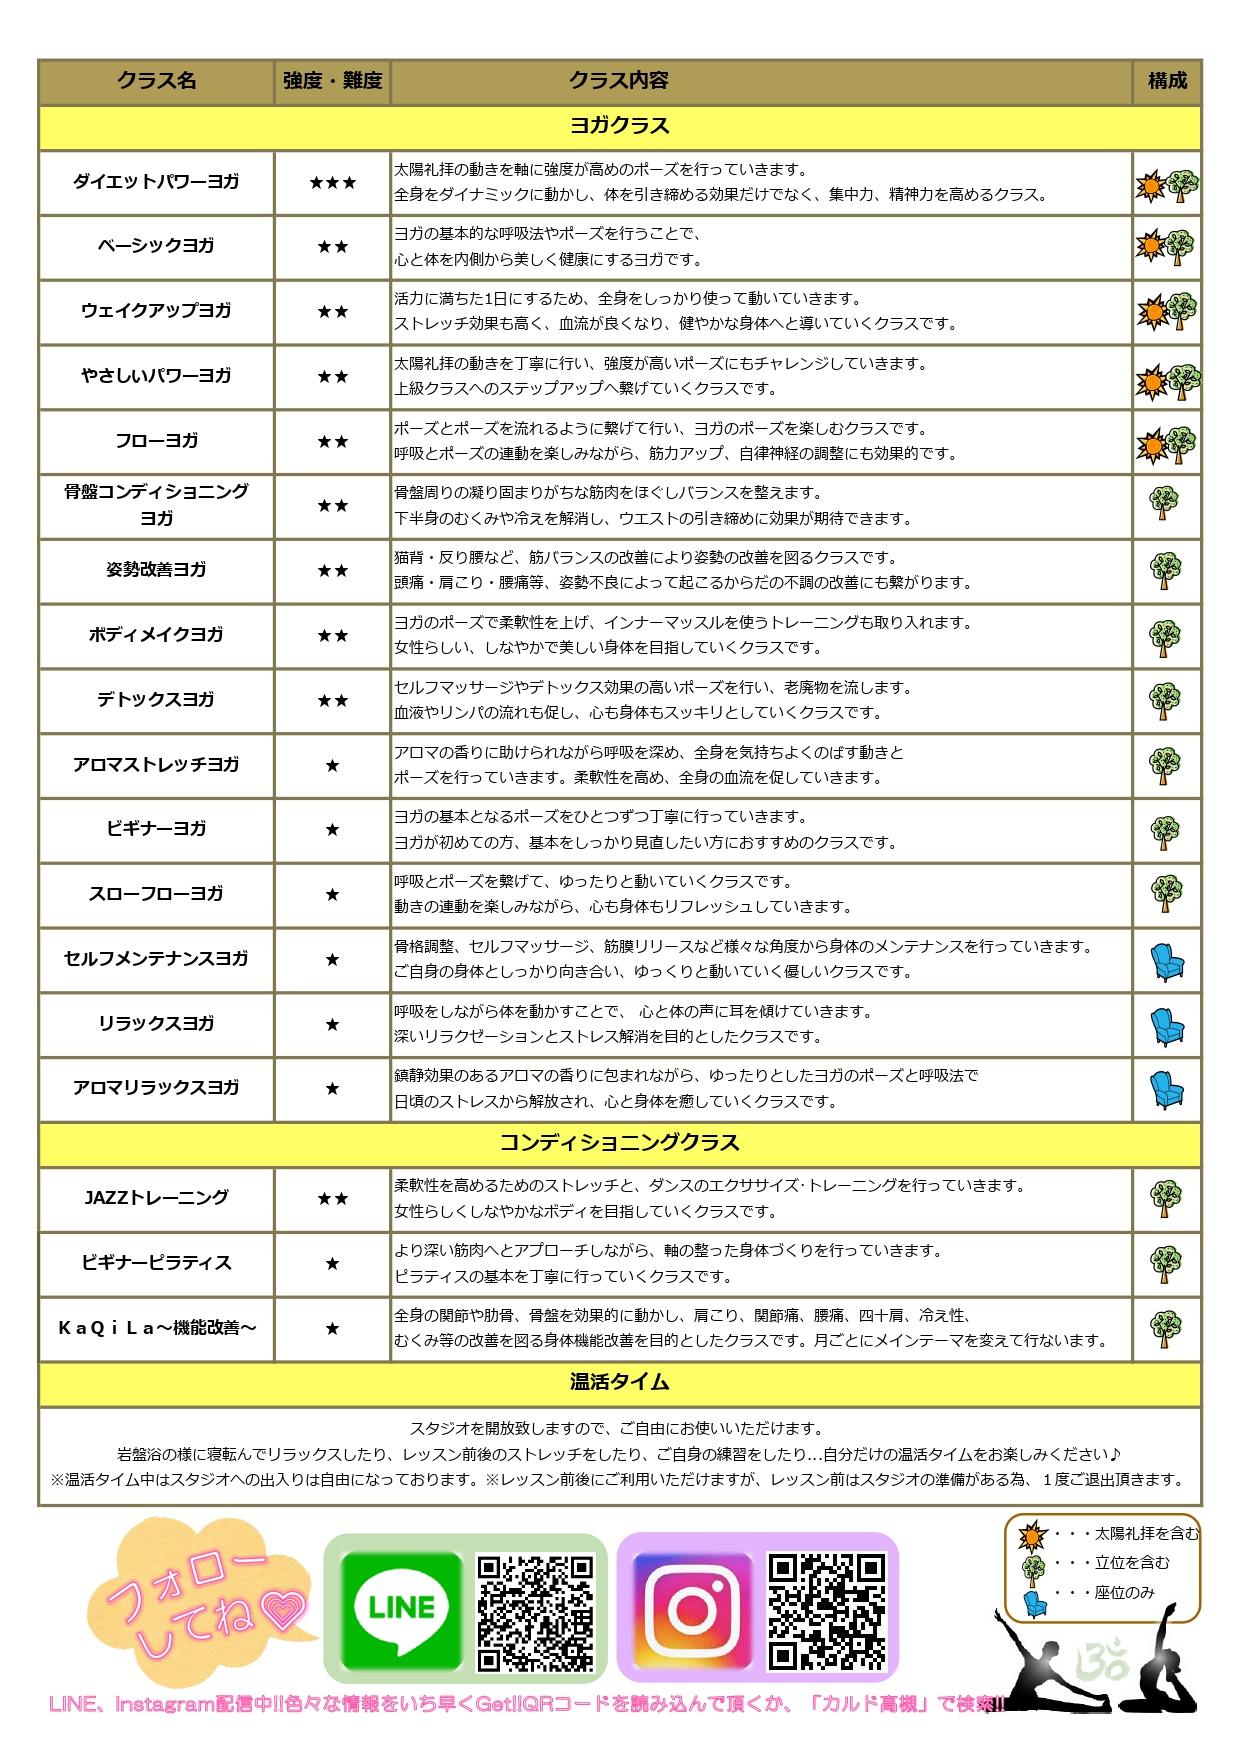 2020年4月~スタジオプログラム【高槻】(裏)